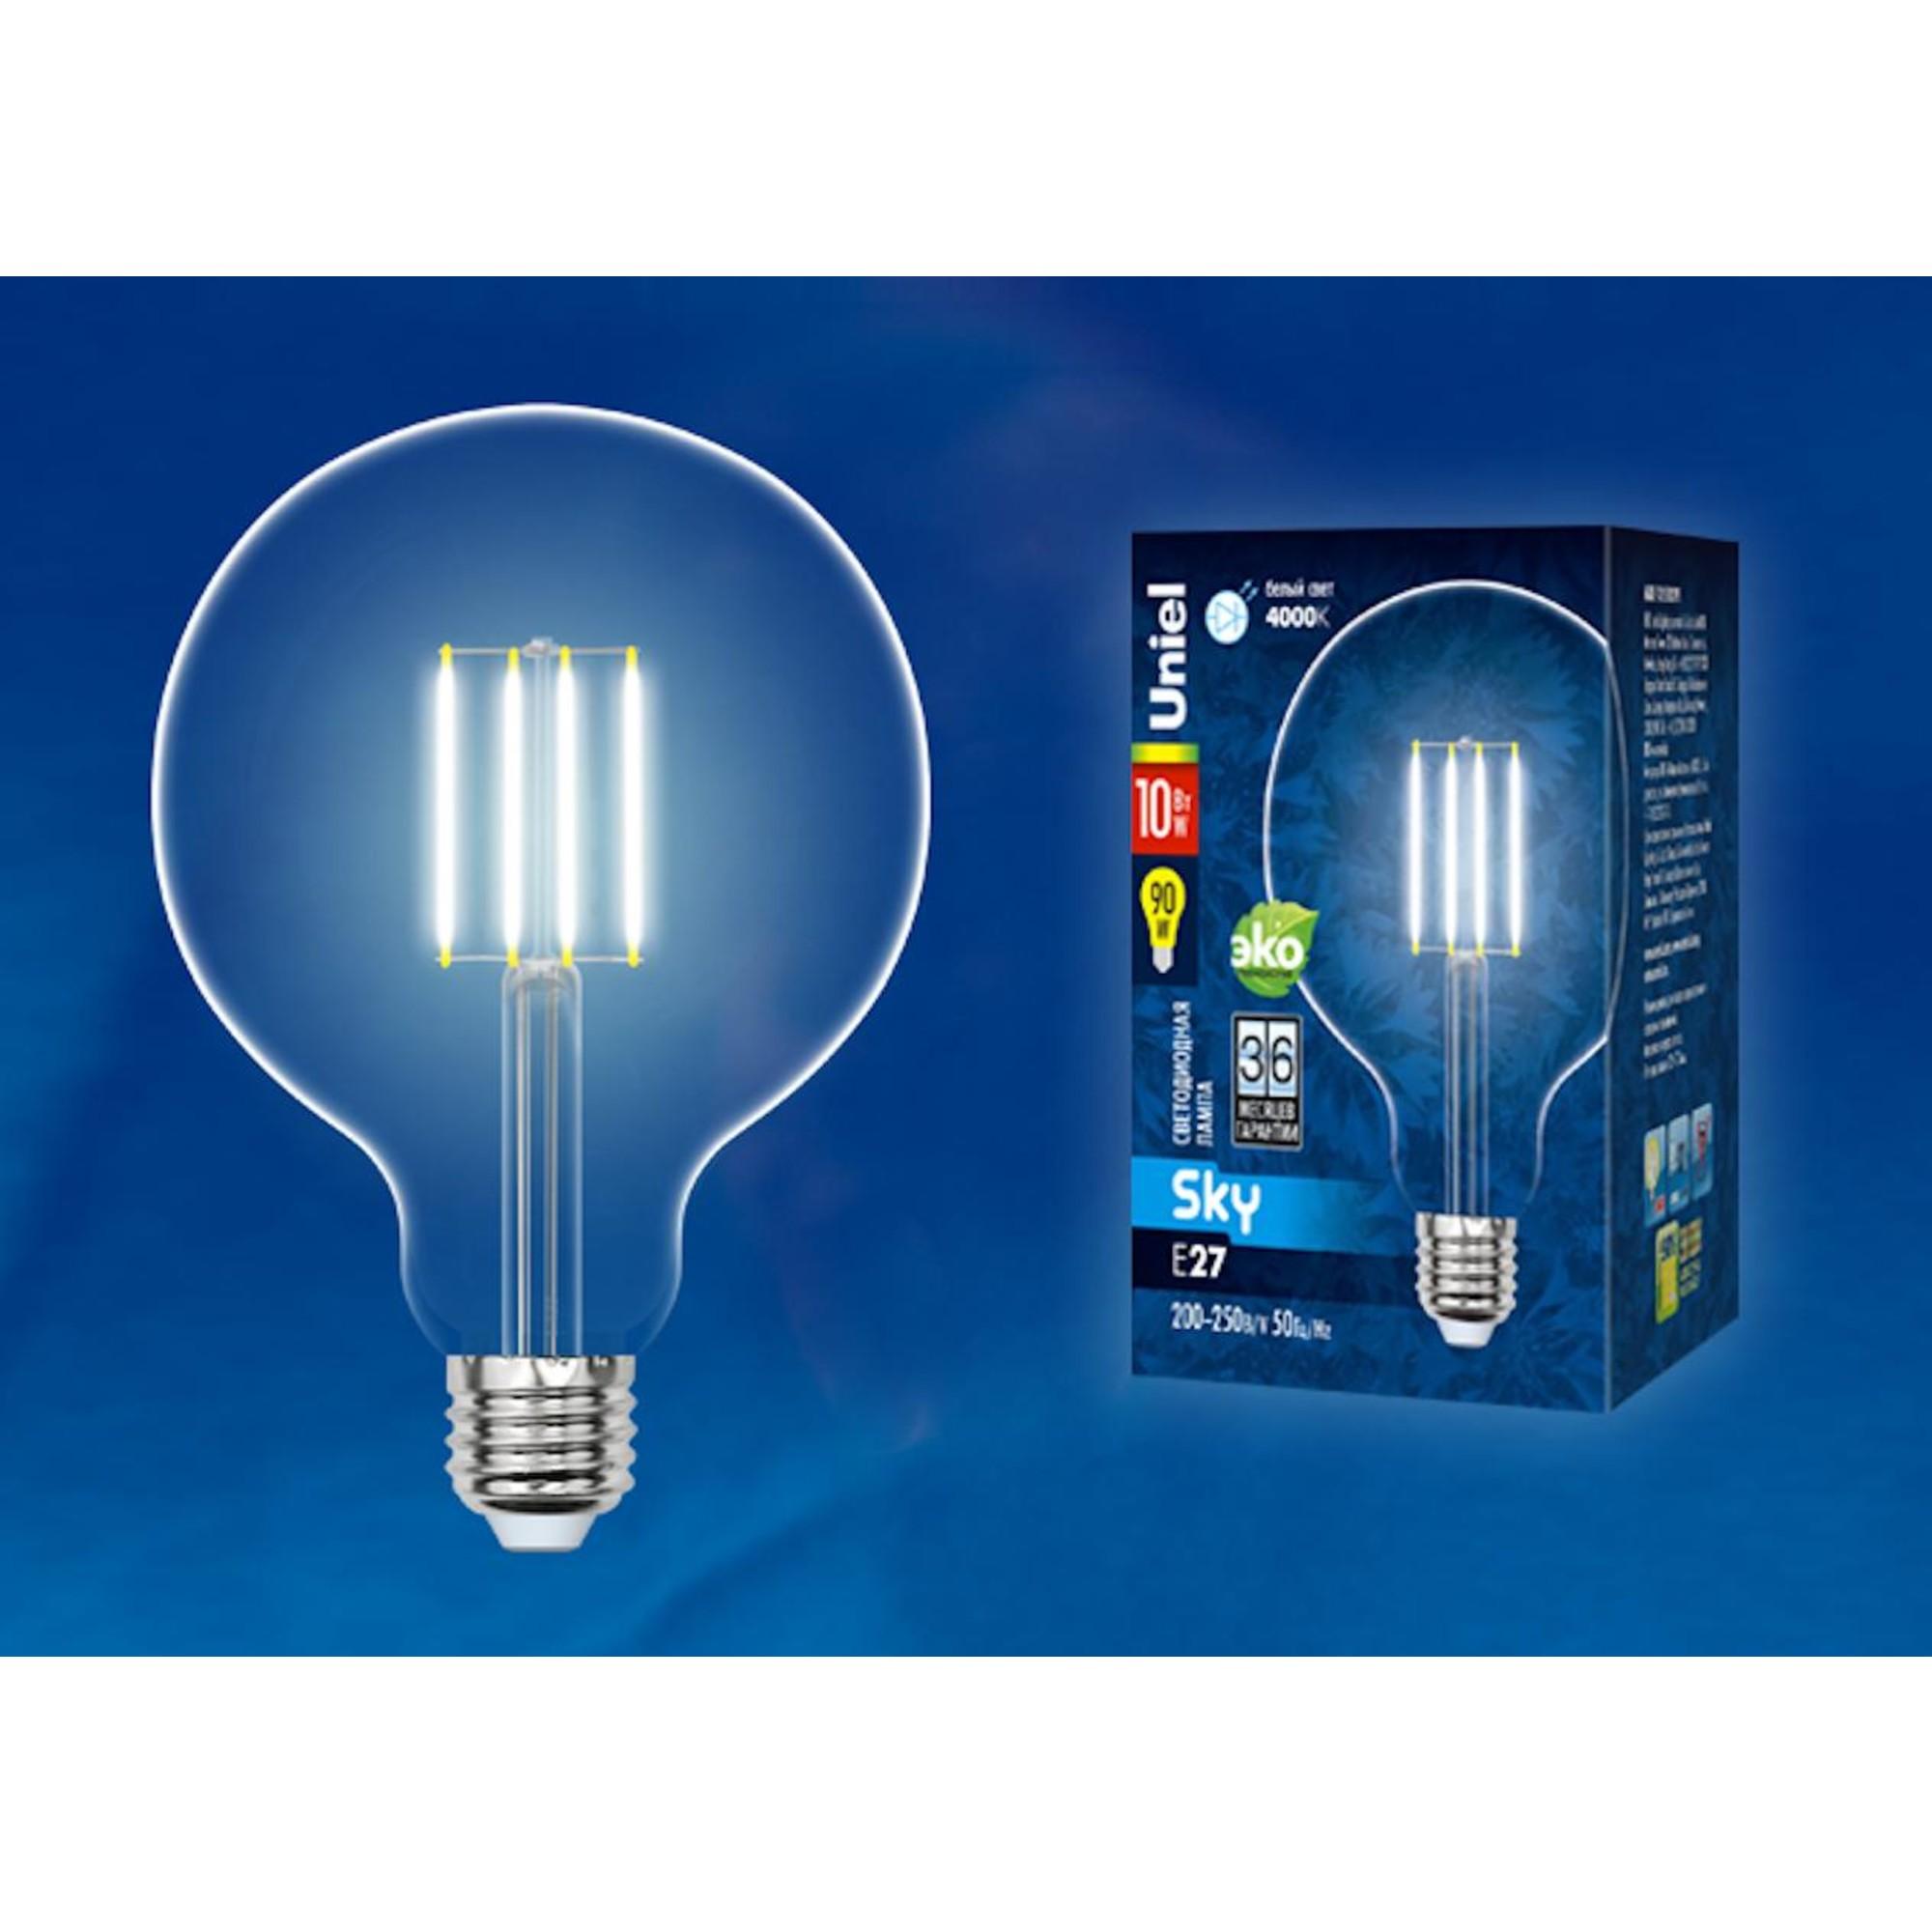 Светодиодная лампочка Uniel UL-00004859 E27 900 Лм 10 Вт